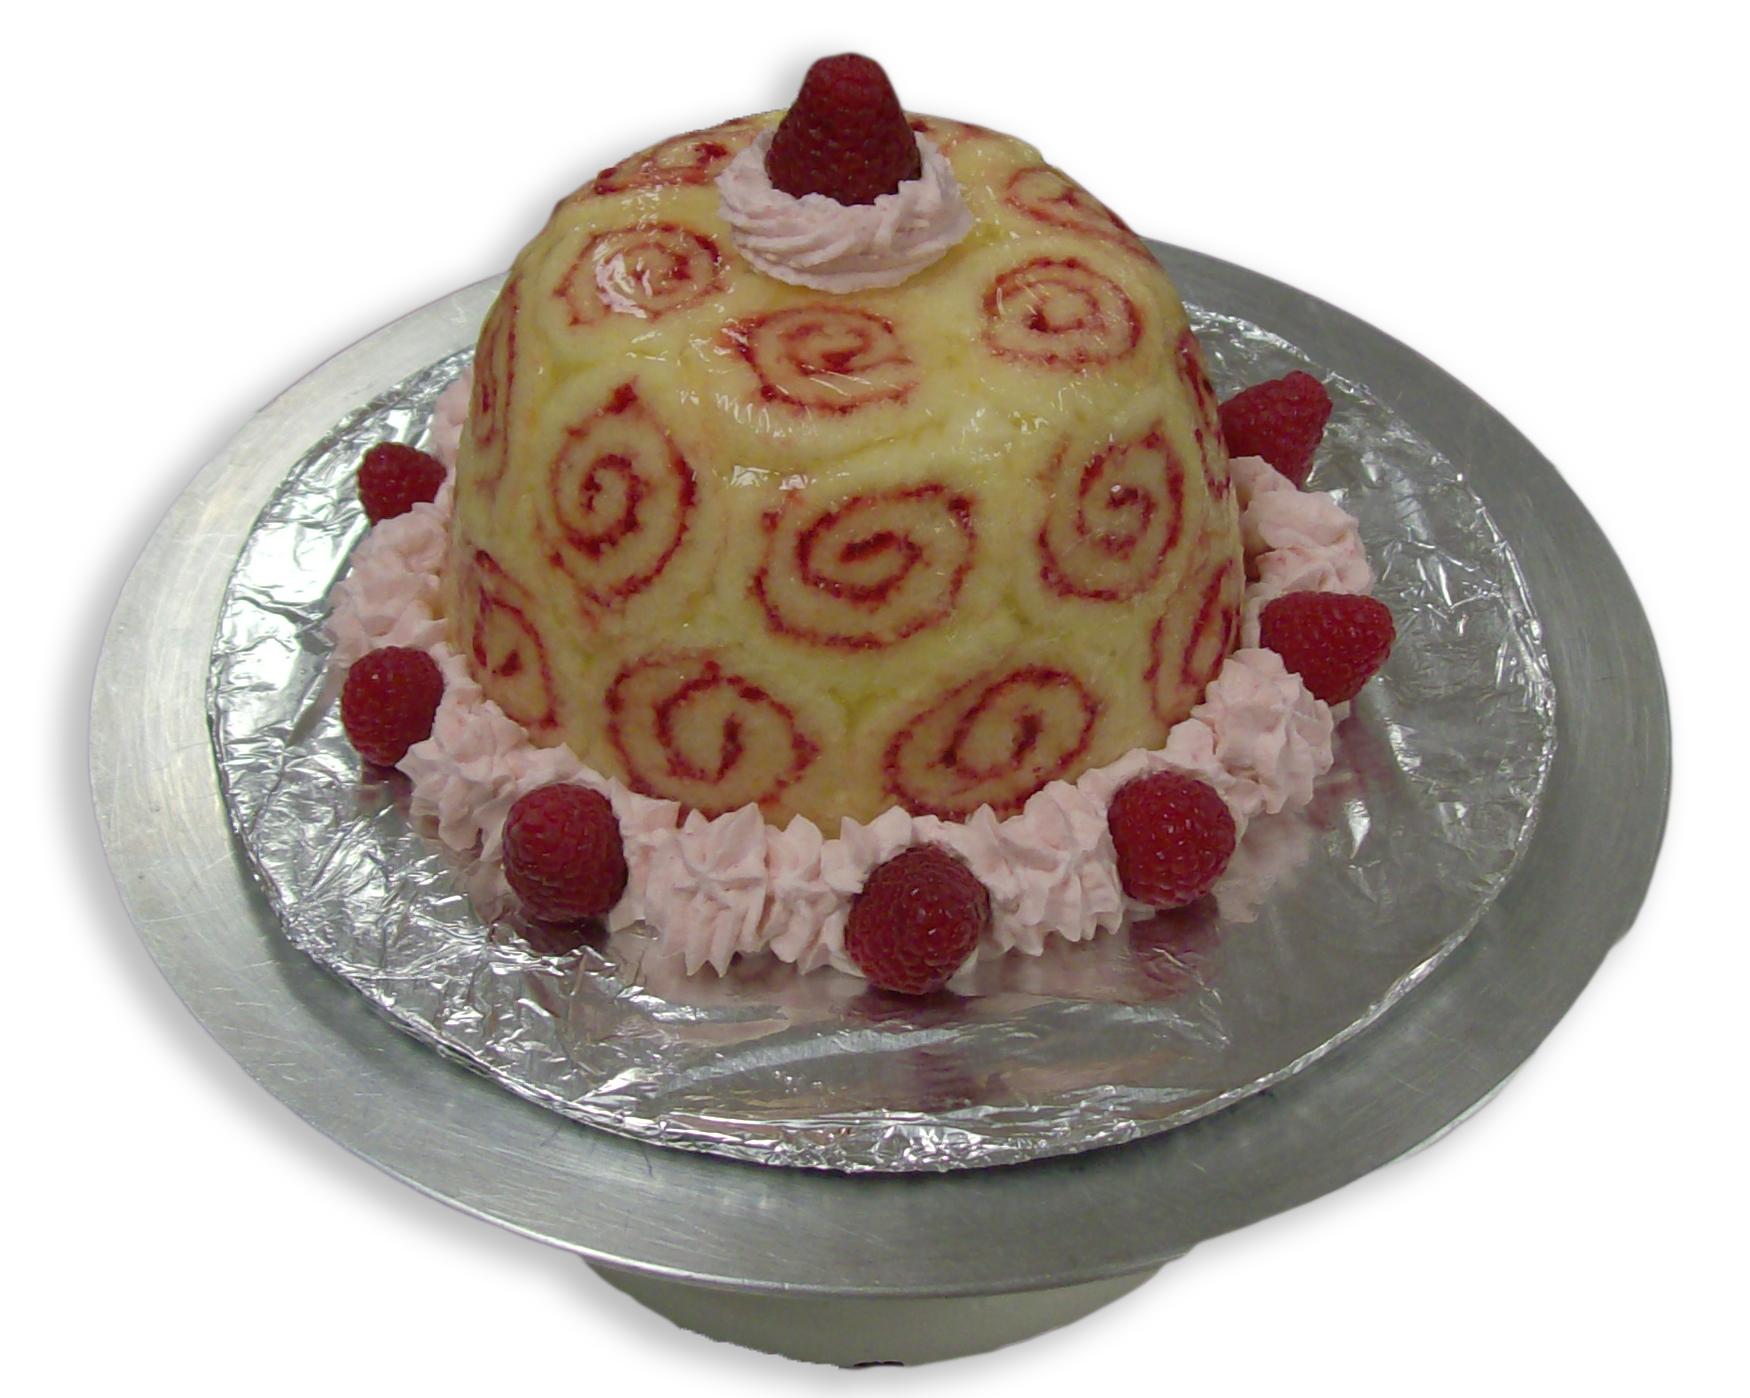 Charlotte Royale Cake, Zetta Marie's Patisserie, Loveland, CO